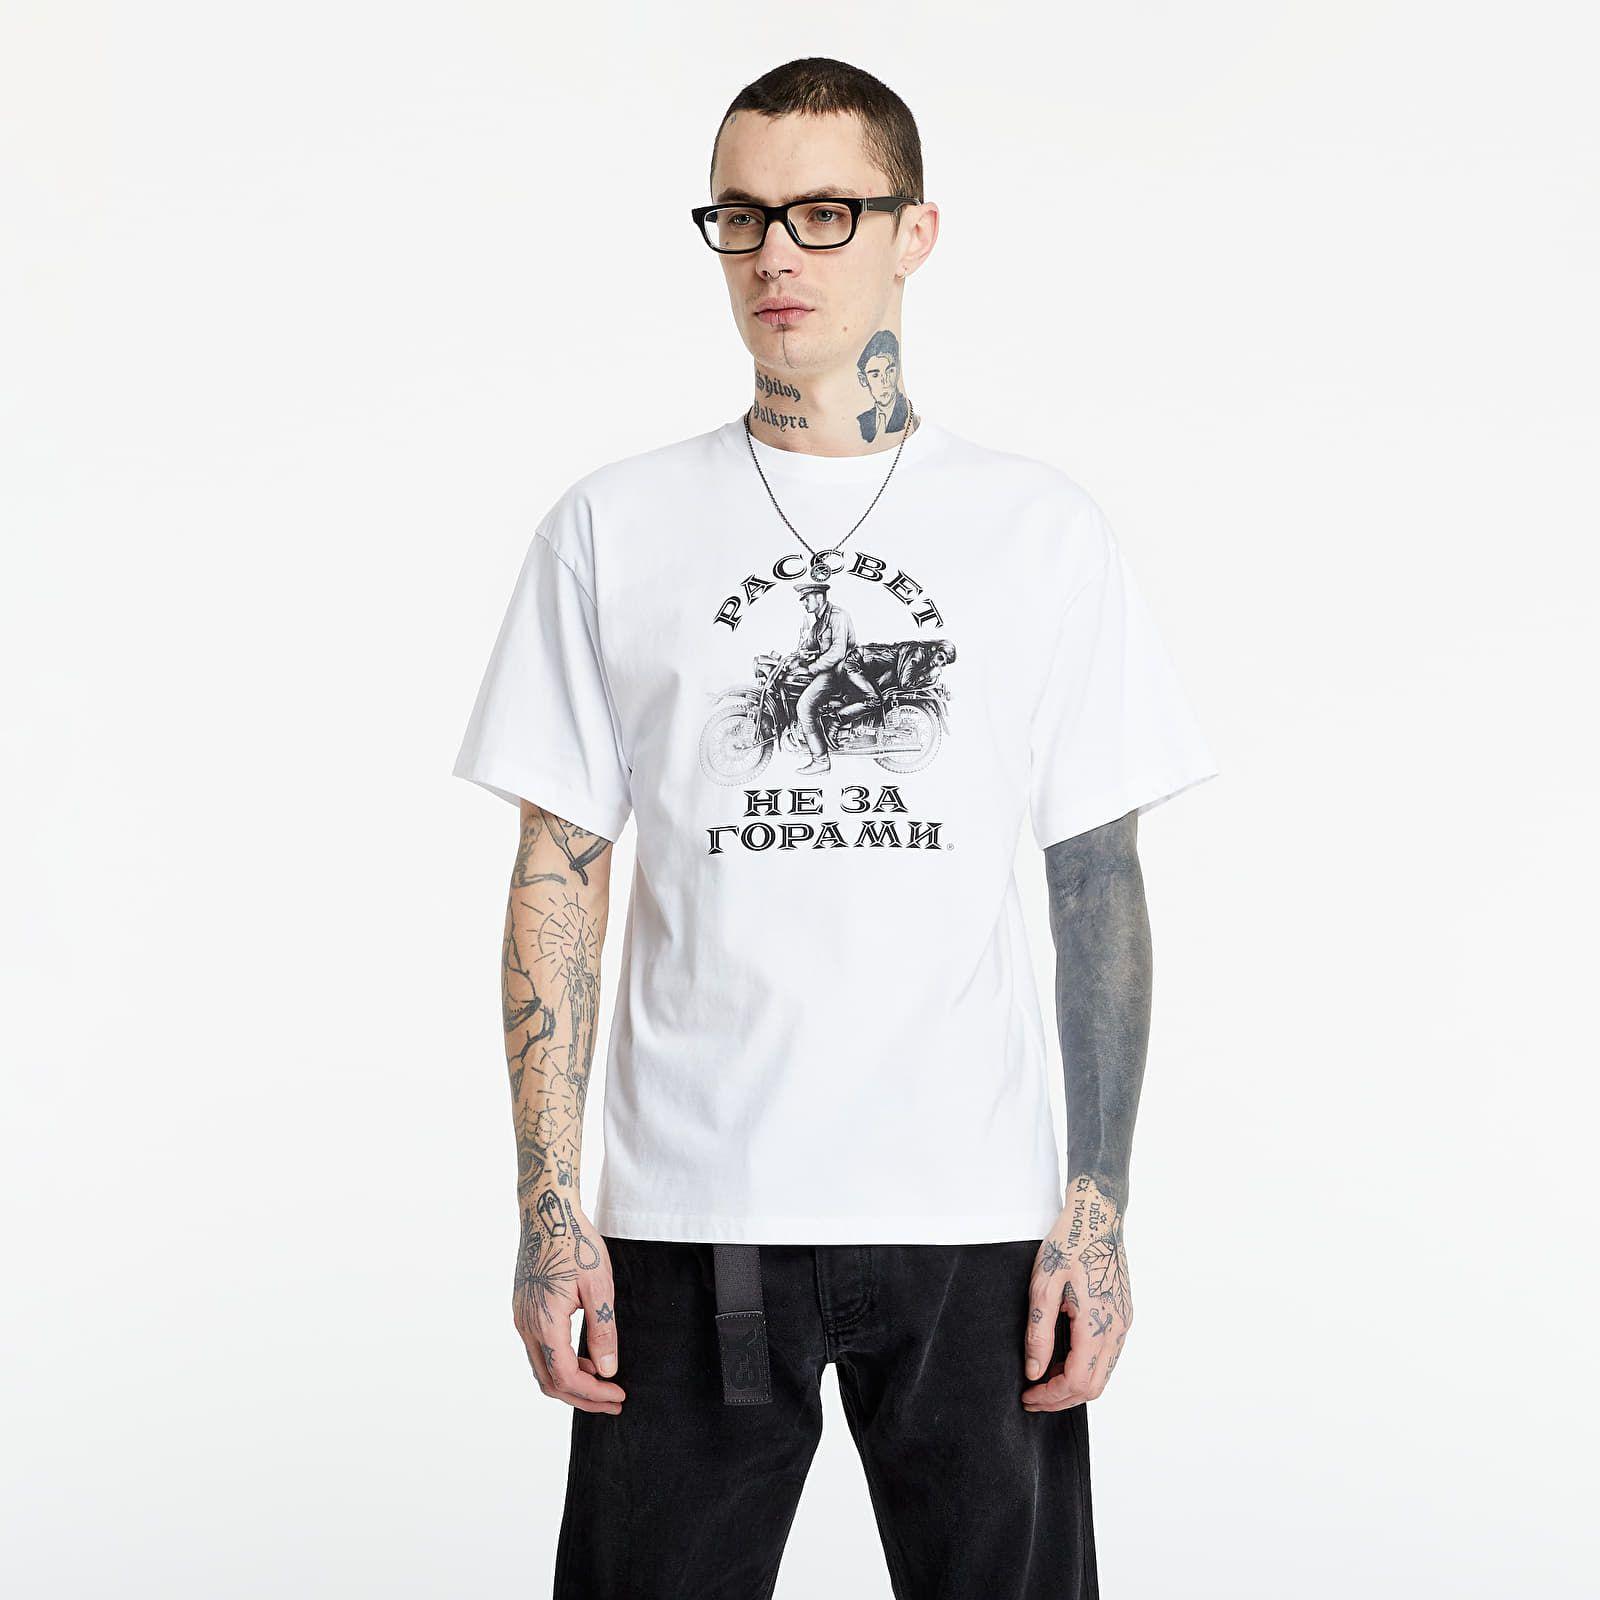 Biele tričko je skvelým základom jarných outfitov. Vybrali sme najzaujímavejšie kúsky pre každý rozpočet